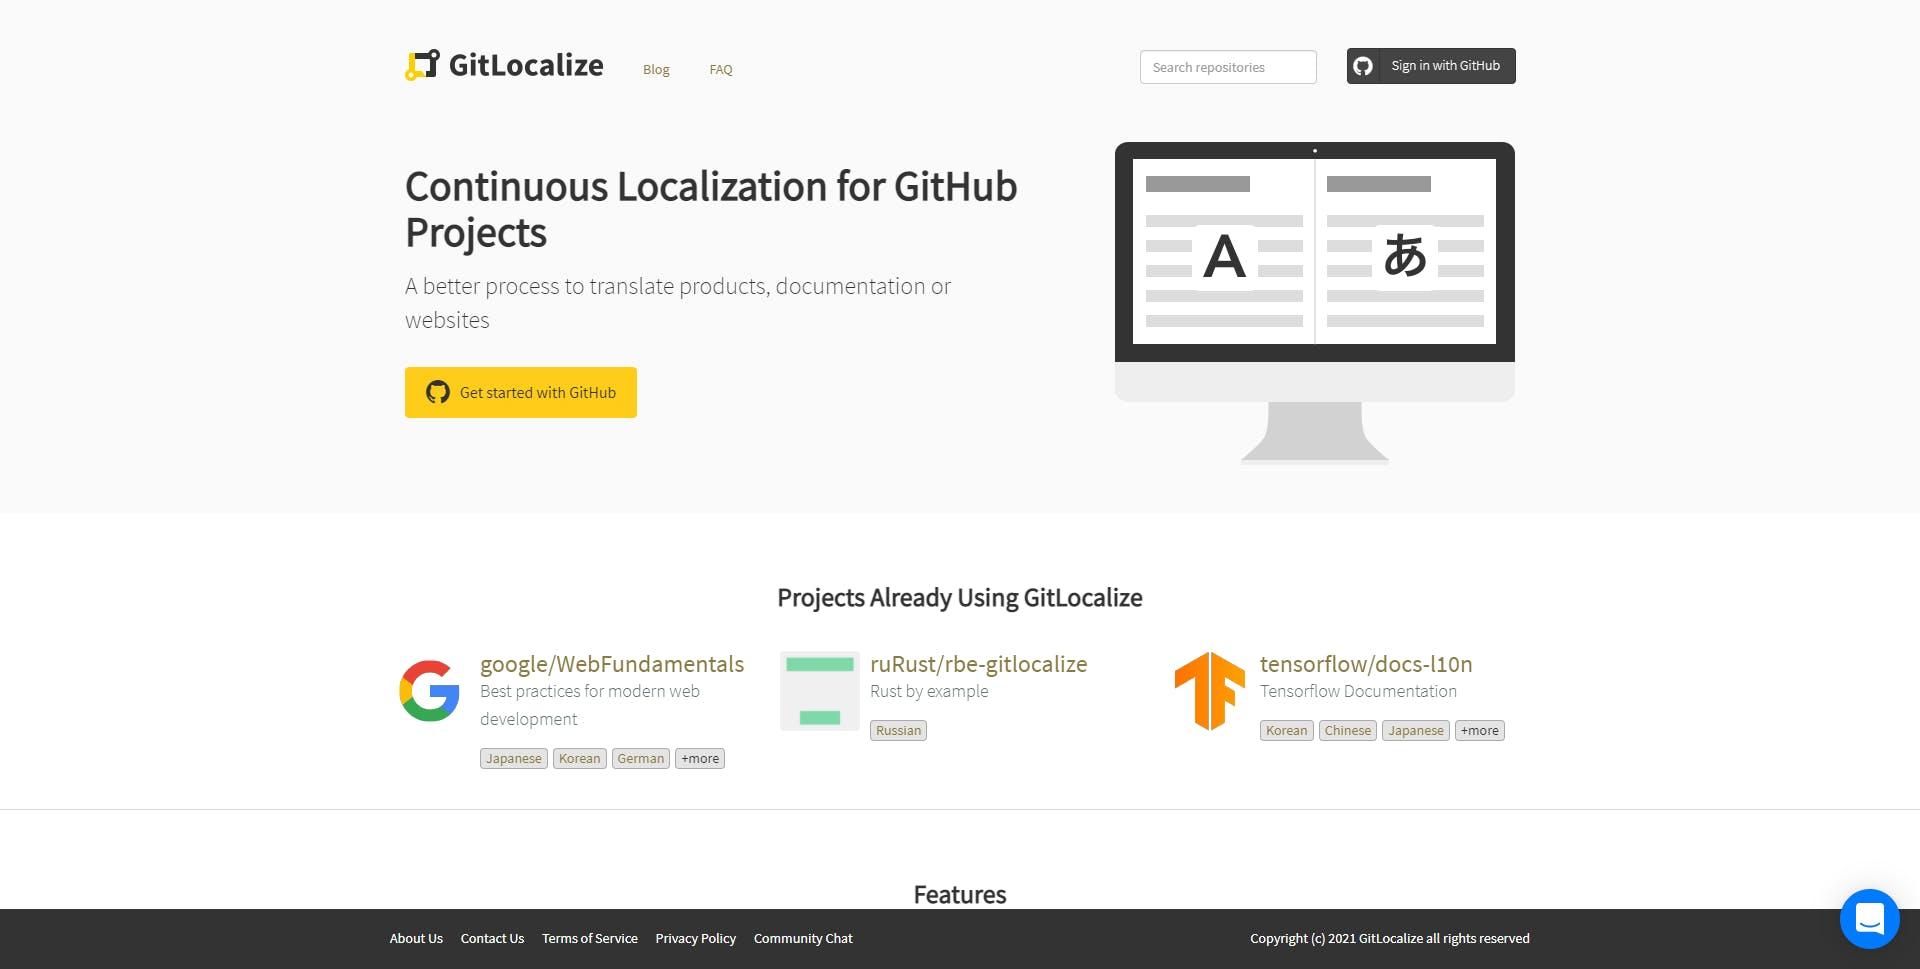 GitLocalize.com Homepage